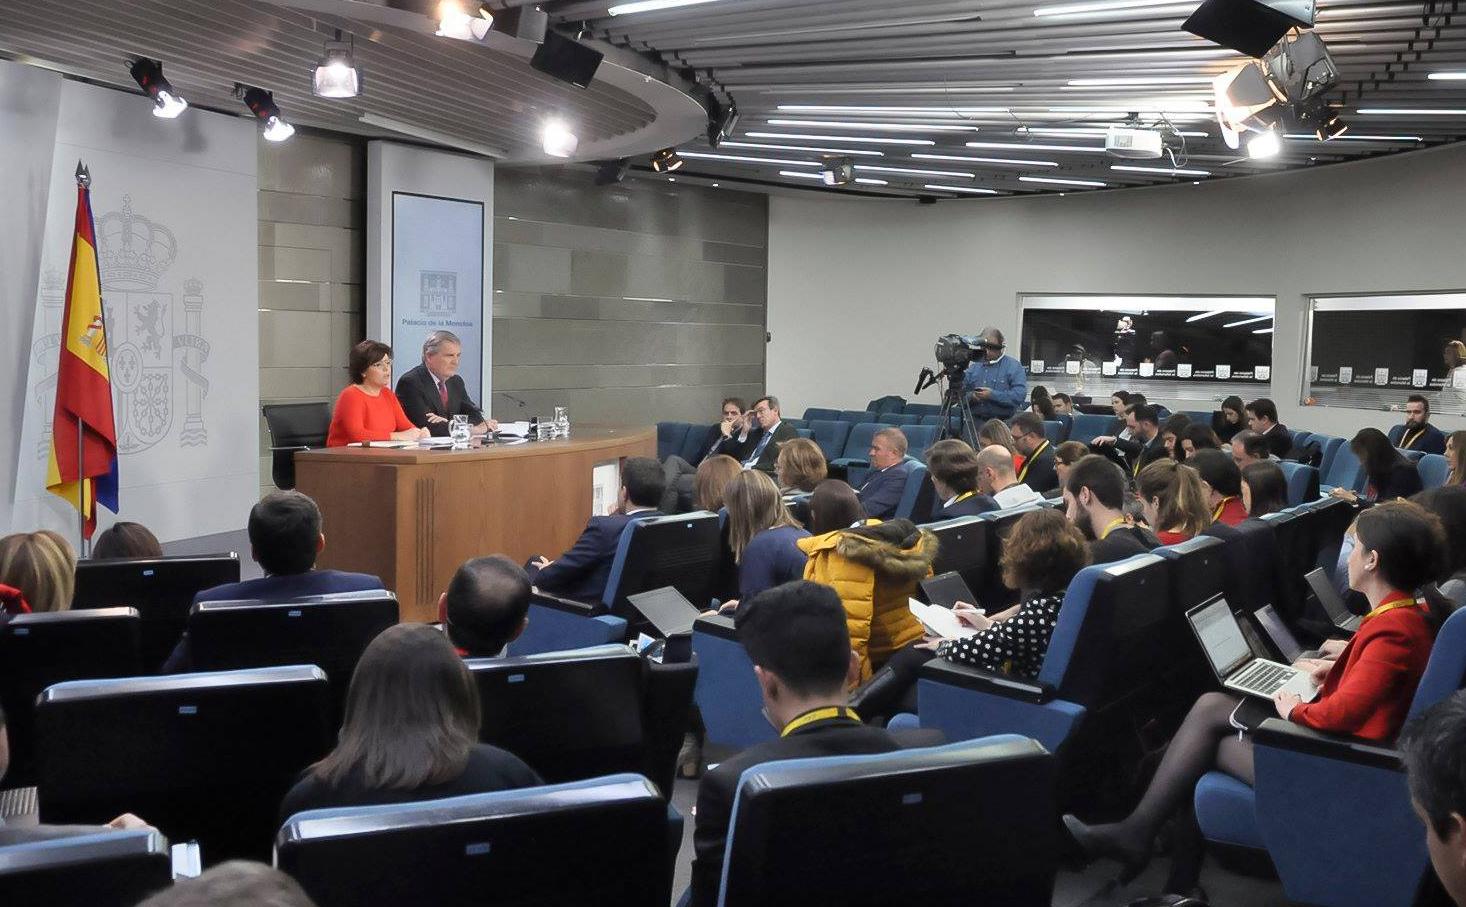 Comparecencia de la vicepesidenta Soraya Sáenz de Santamaría tras presentar el recurso contra la investidura de Carles Puigdemont. FOTO: Joseppe Carre. Consejo de Minitros